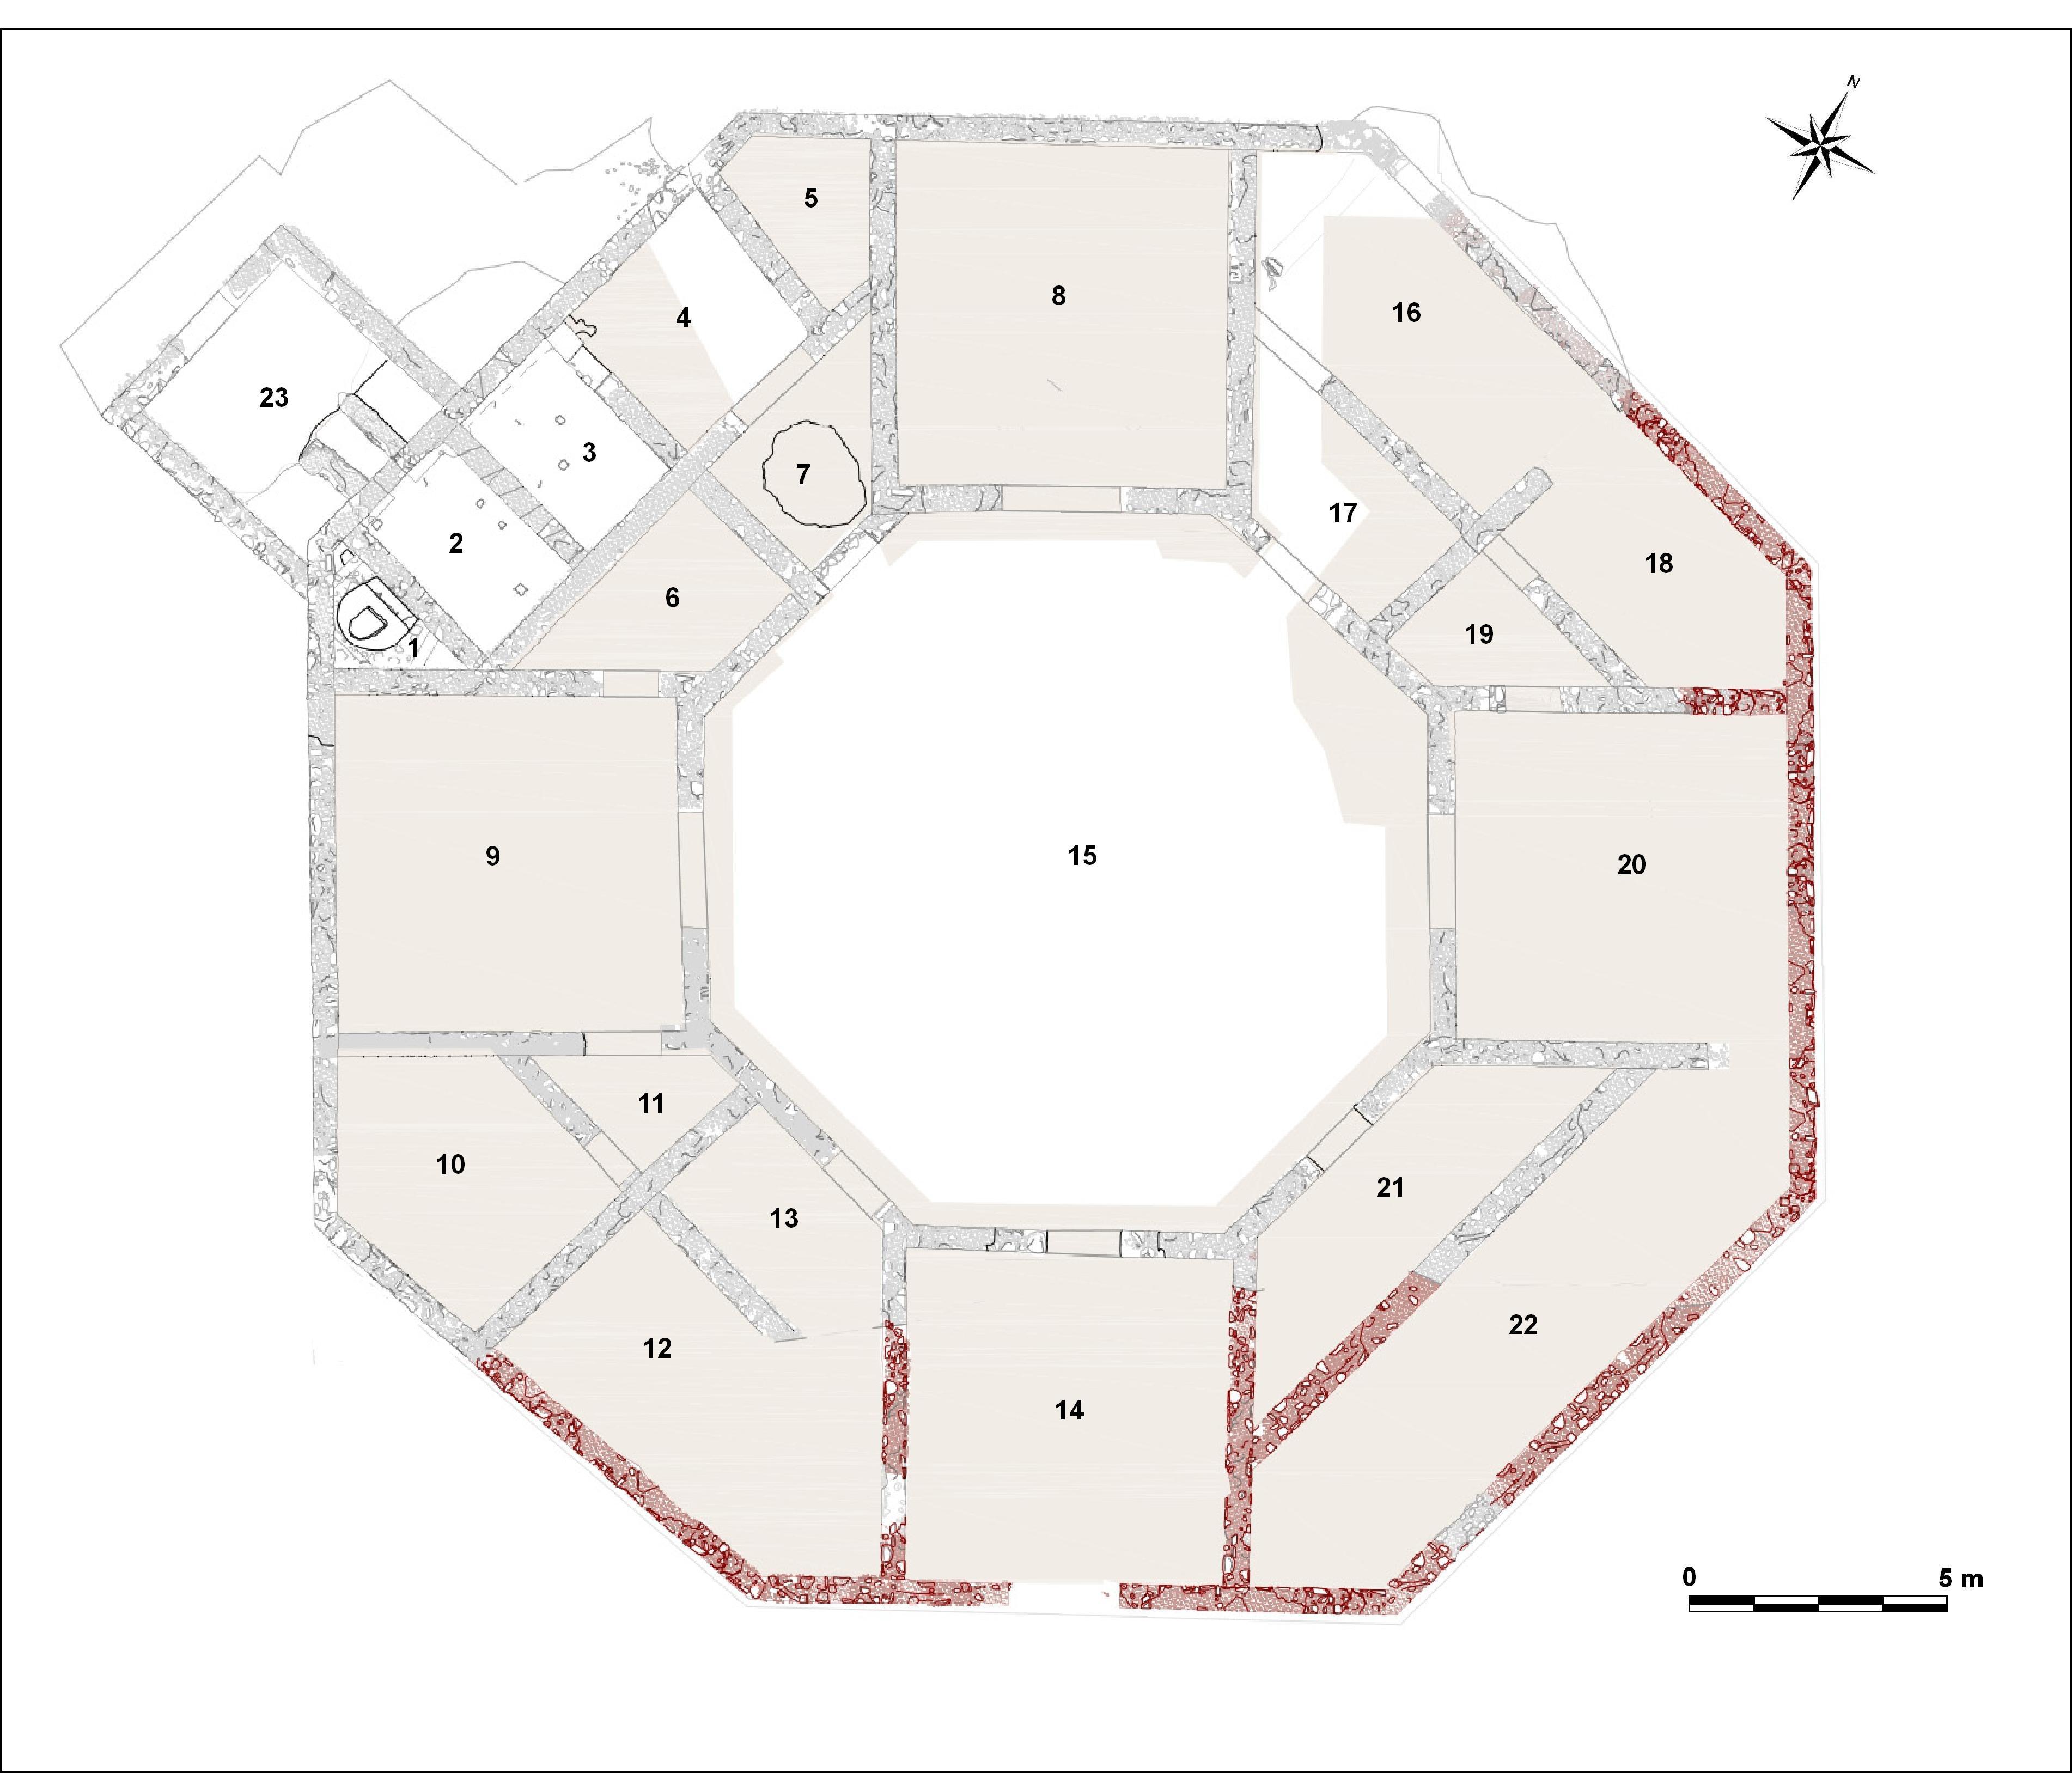 Fig. 24. Planta completa de l'edifici octogonal. En vermell les àrees excavades els anys 2018 i 2019